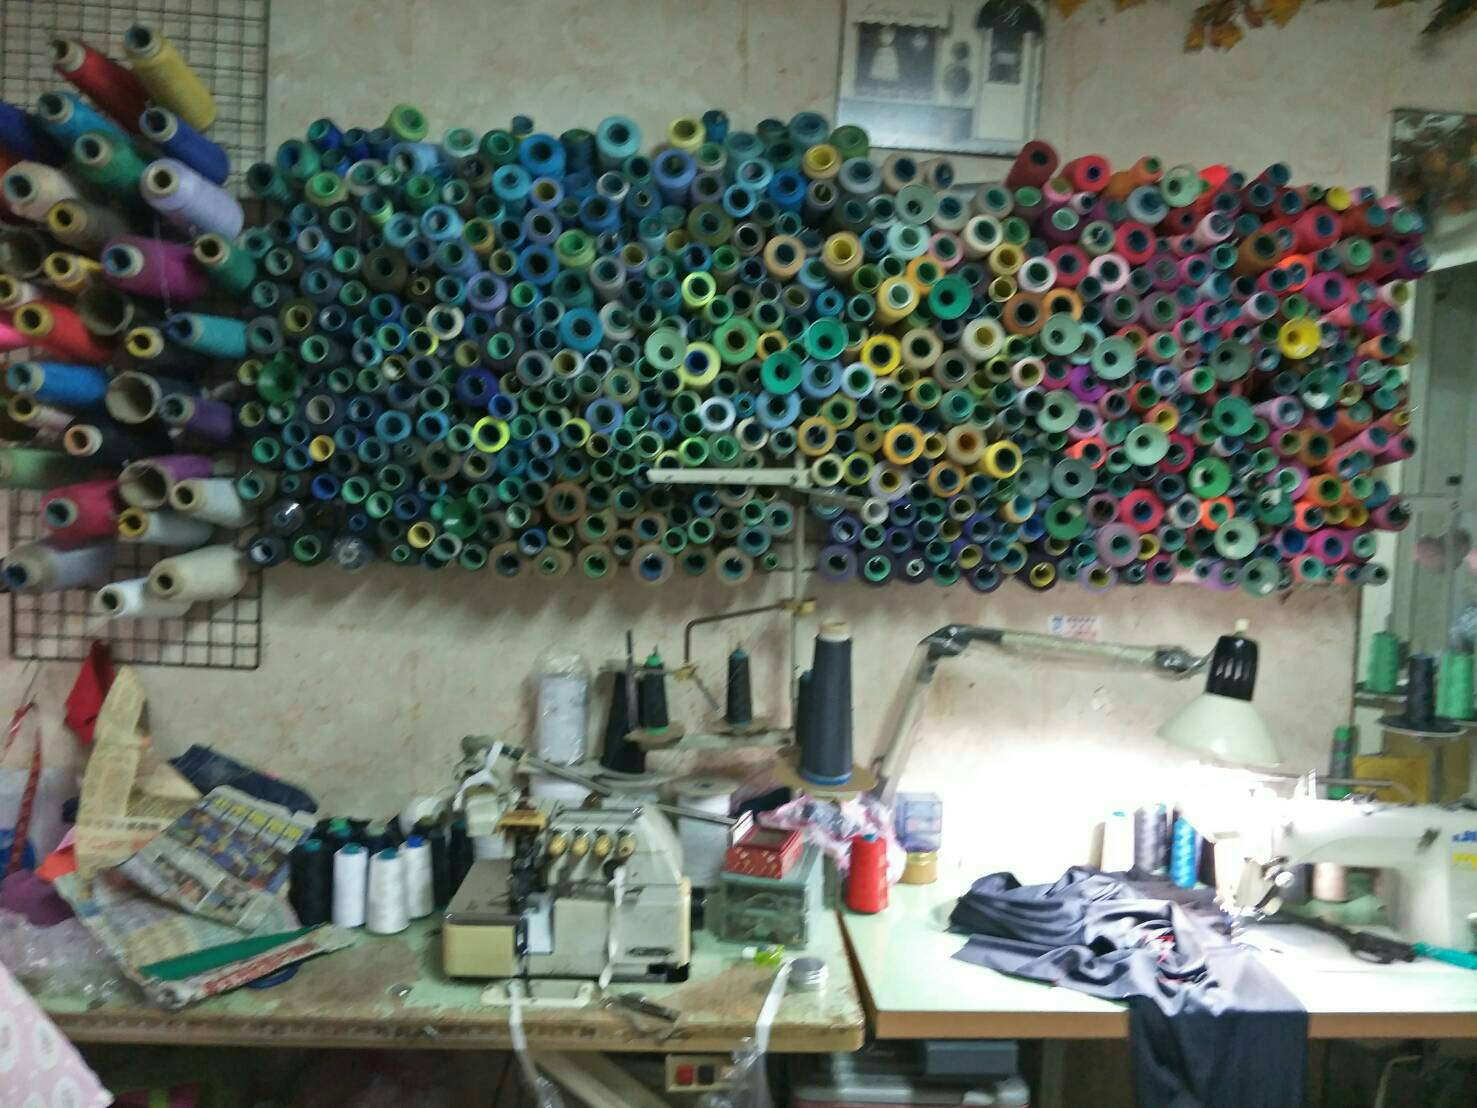 板橋修改衣服、舊衣新裁-36年修改衣服經驗